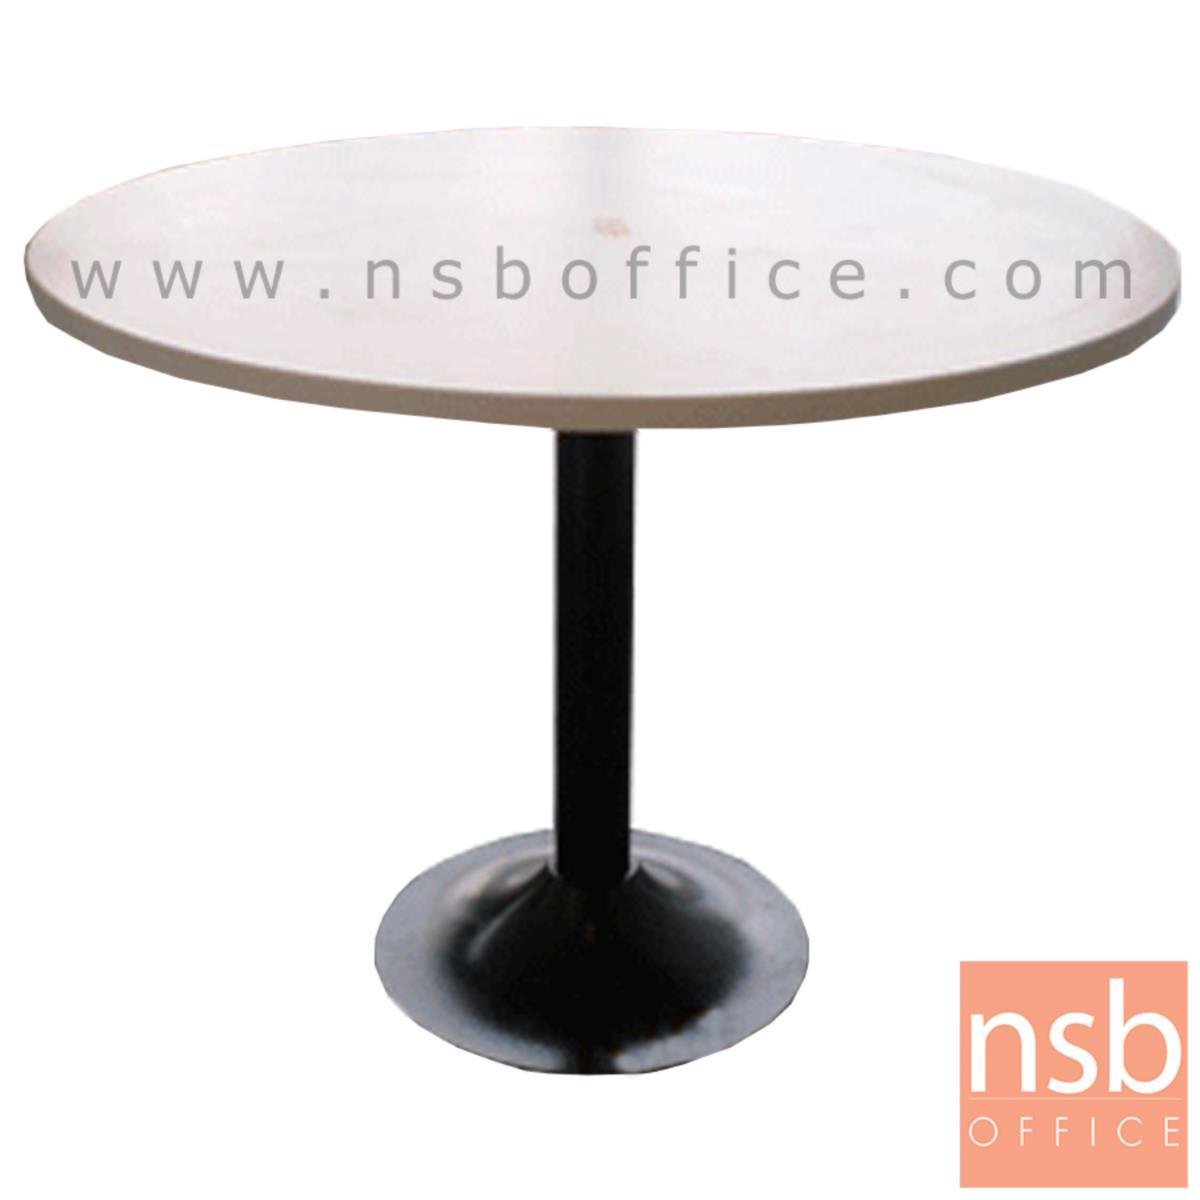 A05A009:โต๊ะประชุมทรงวงกลม  3 ,4 ที่นั่ง ขนาด 90Di ,120Di cm.  ขาเหล็กฐานกลมดำ